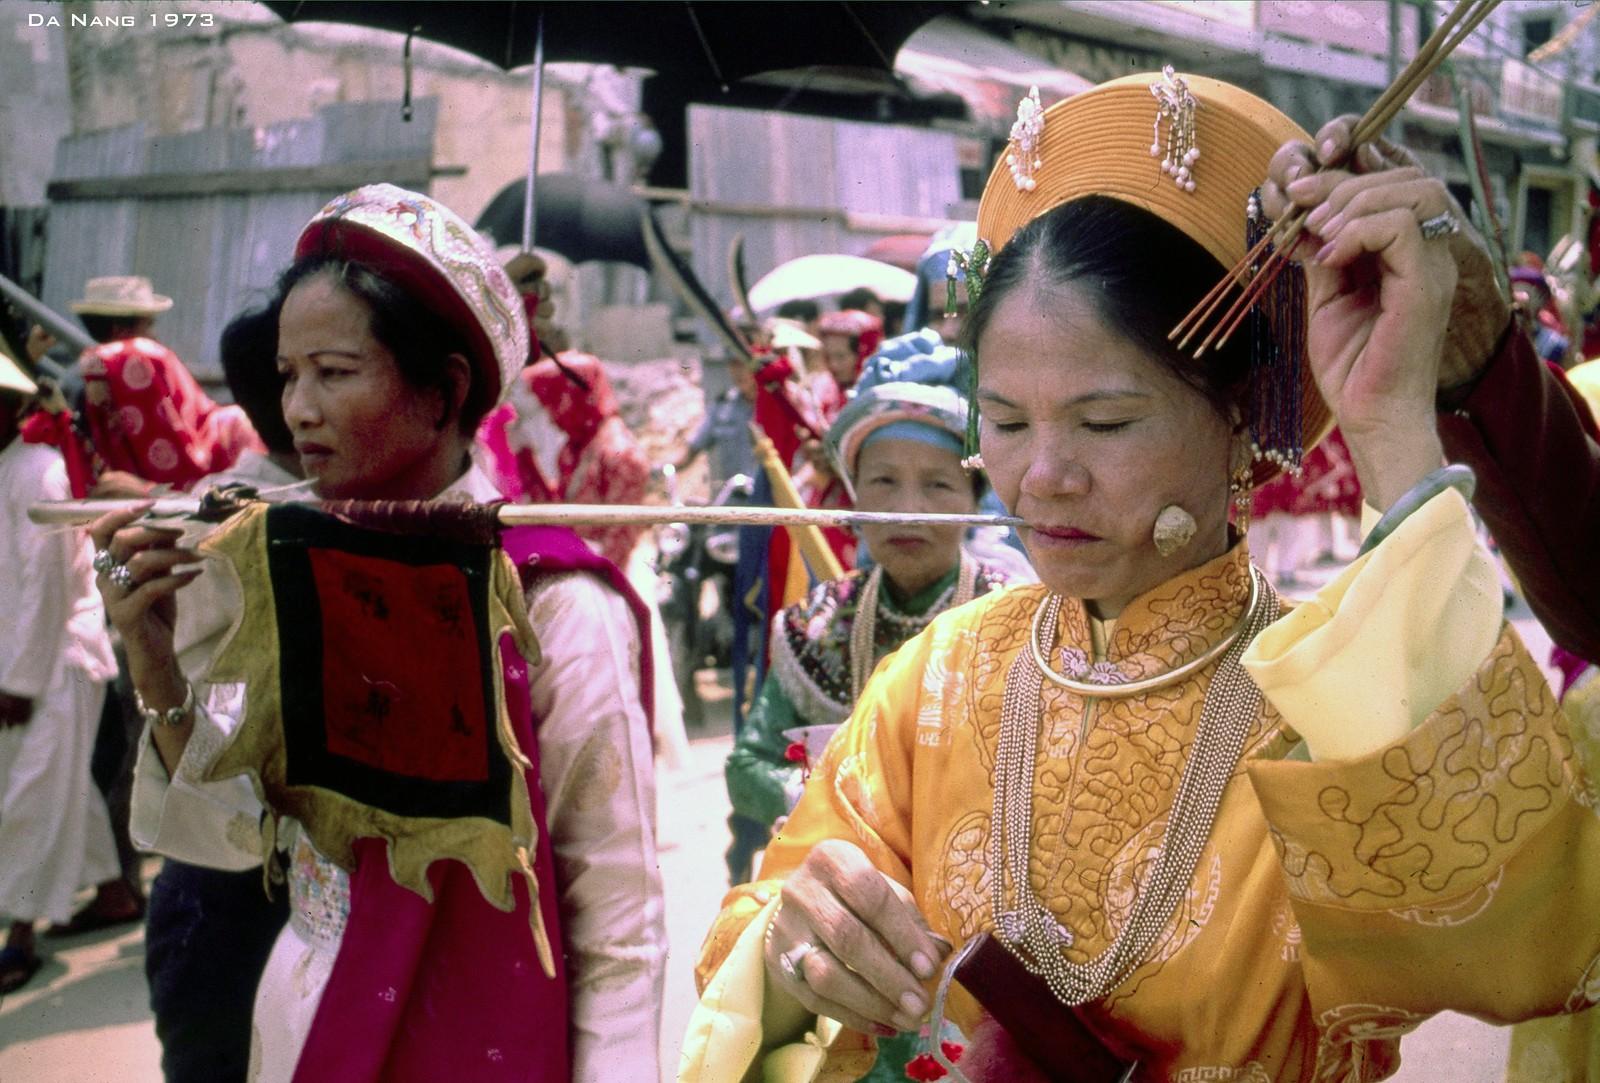 Chùm ảnh: Tự xuyên thủng da thịt trên đường phố Đà Nẵng năm 1973